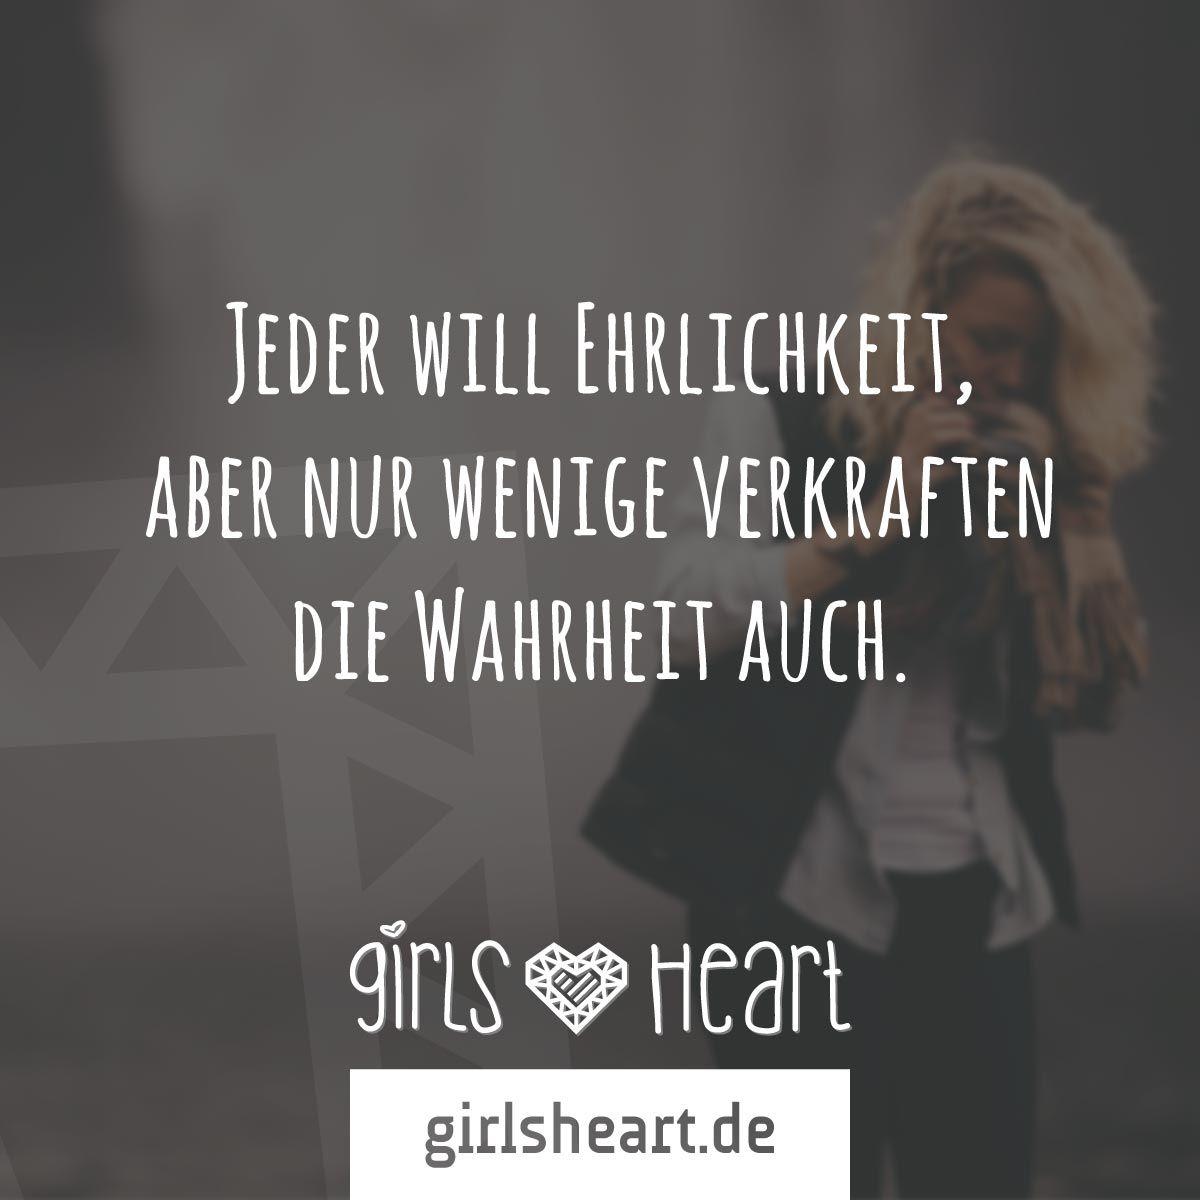 sprüche ehrlichkeit Mehr Sprüche auf: .girlsheart.de #ehrlichkeit #wahrheit  sprüche ehrlichkeit